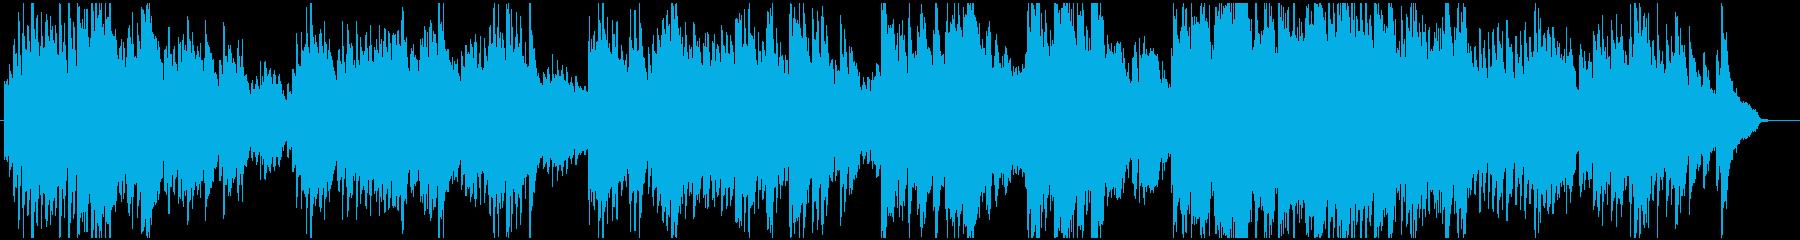 切ないメロディーのピアノインストの再生済みの波形